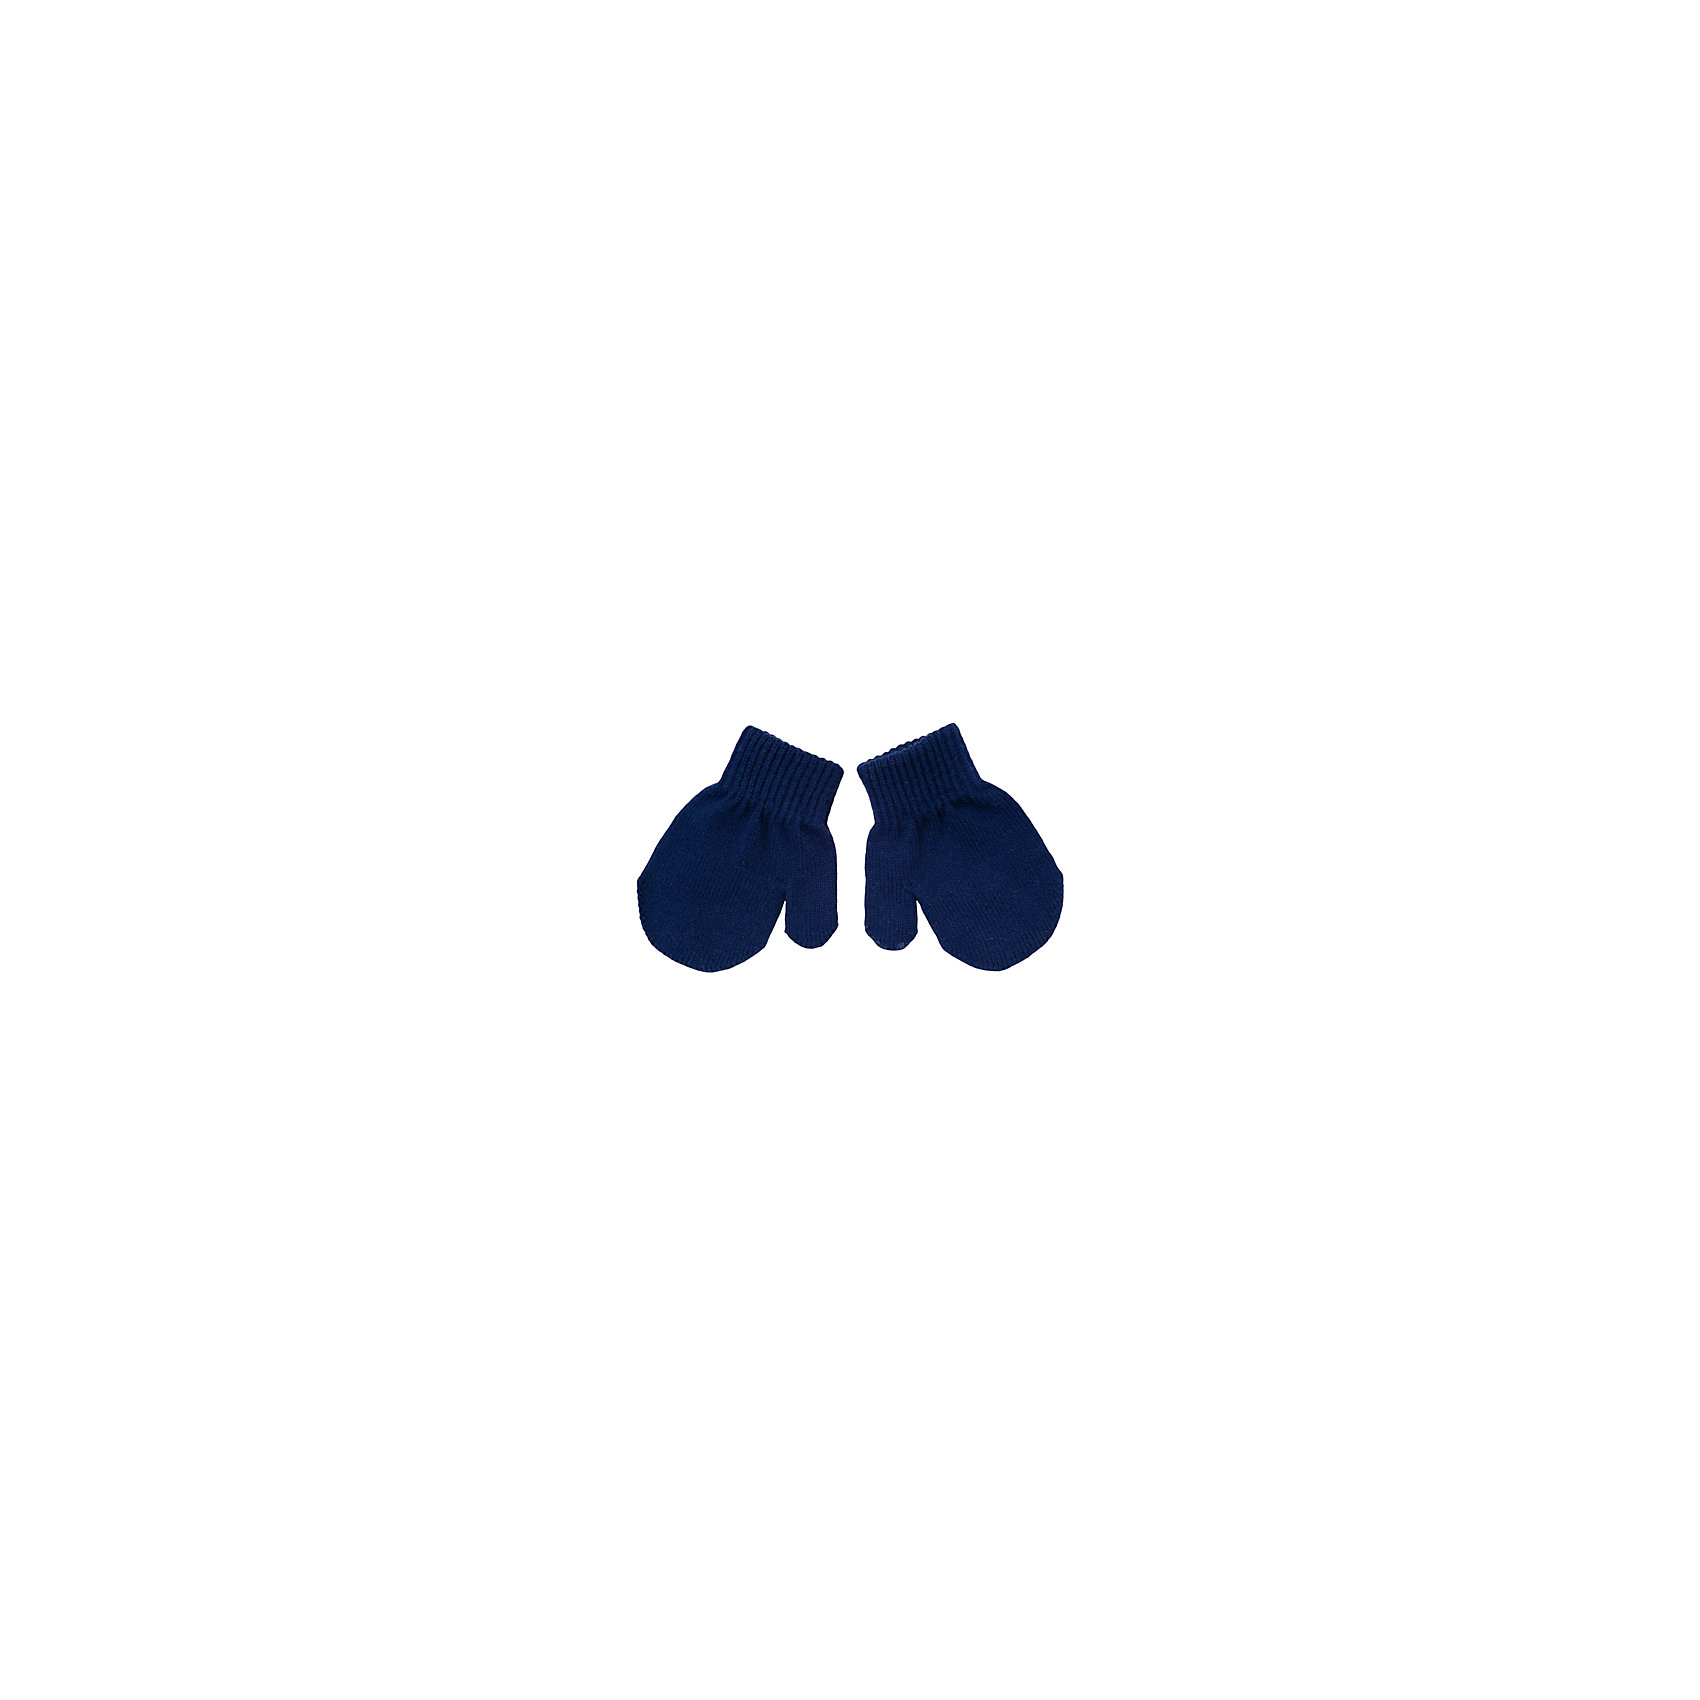 Варежки для мальчика PlayTodayПерчатки, варежки<br>Варежки для мальчика от известного бренда PlayToday.<br>Уютные варежки из мягкого вязаного трикотажа. Верх на резинке. Универсальный цвет позволяет сочетать их с любой одеждой.<br>Состав:<br>80% хлопок, 18% нейлон, 2% эластан<br><br>Ширина мм: 162<br>Глубина мм: 171<br>Высота мм: 55<br>Вес г: 119<br>Цвет: синий<br>Возраст от месяцев: 12<br>Возраст до месяцев: 18<br>Пол: Мужской<br>Возраст: Детский<br>Размер: 12,11<br>SKU: 4900500